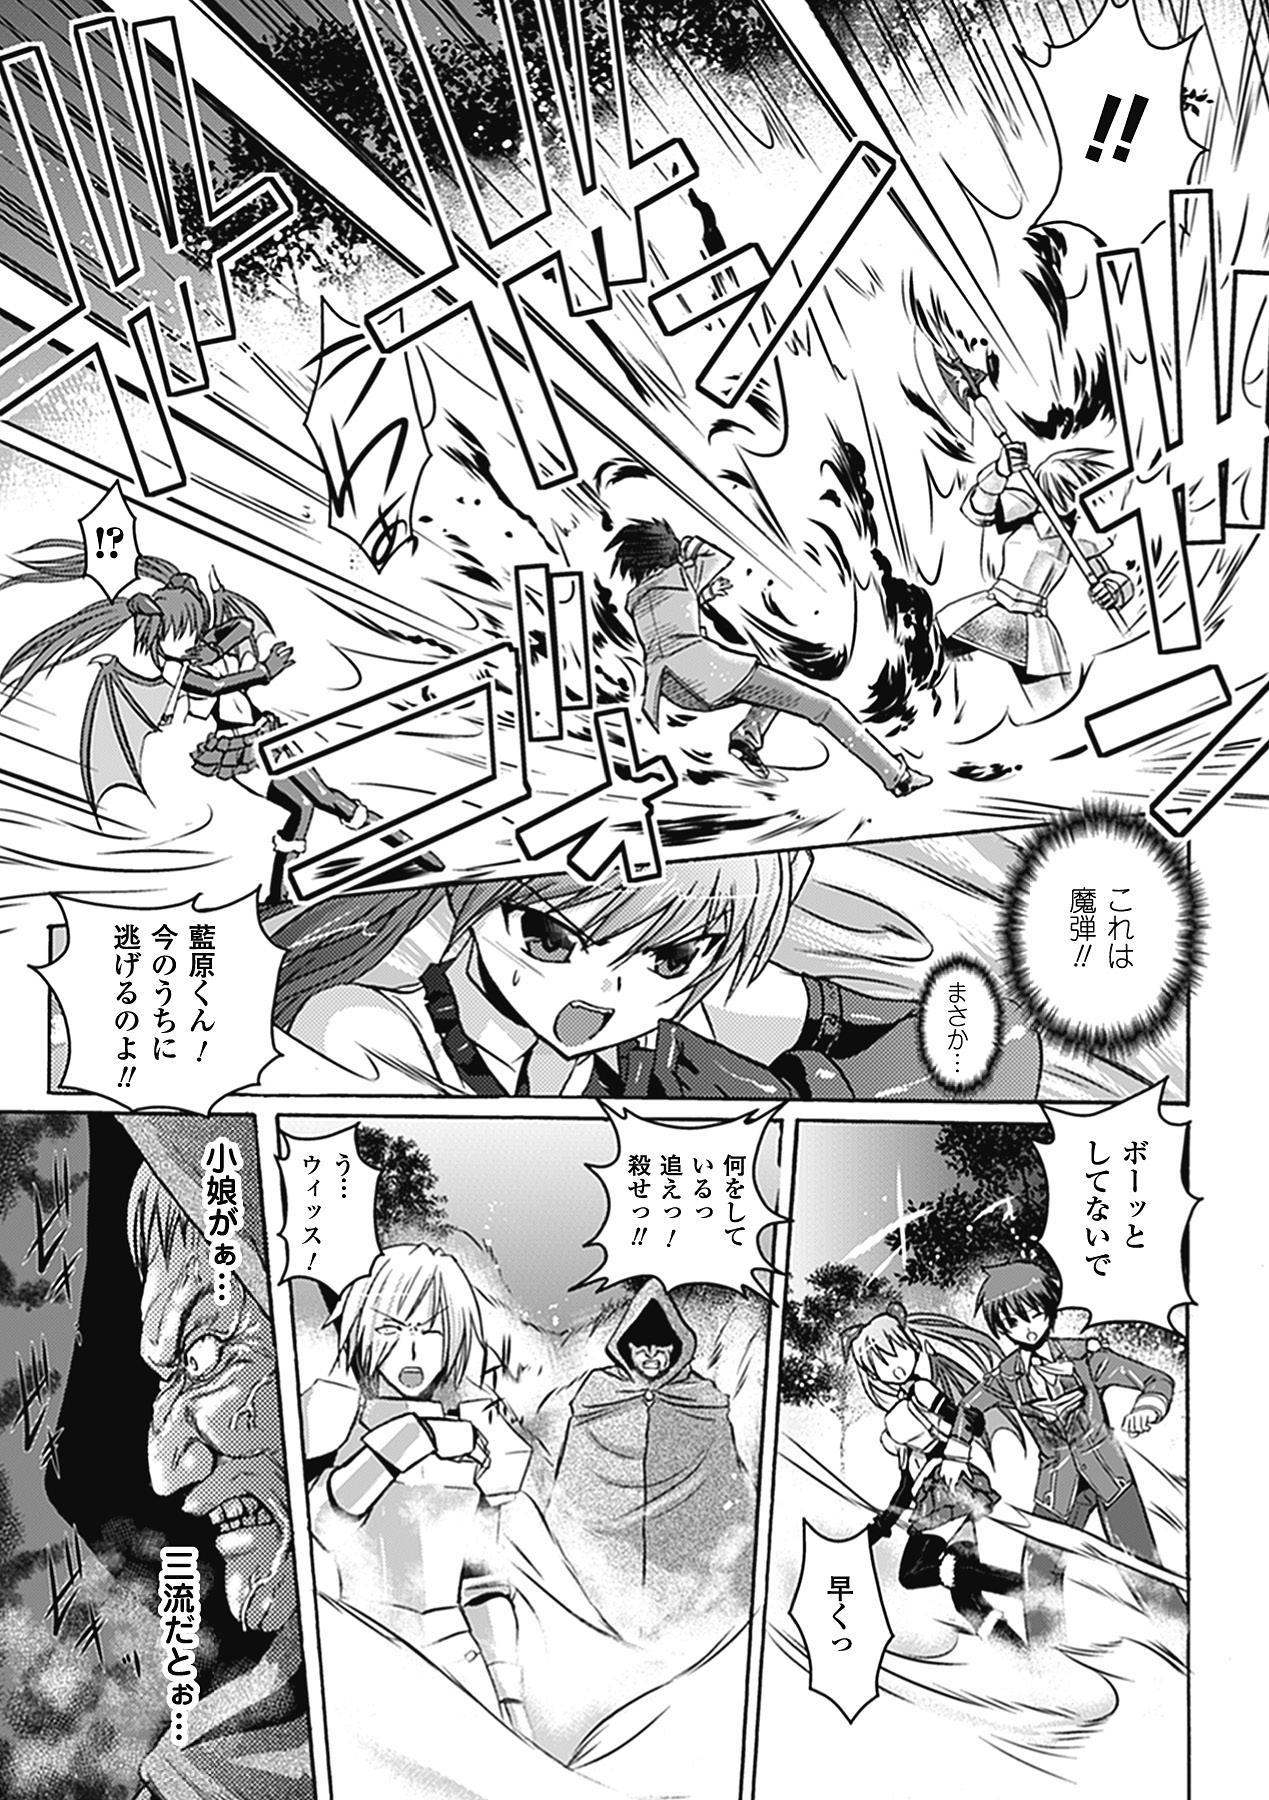 [Tokimaru Yoshihisa]Shakkou no Anti-Genesis Ch. 1-7 6